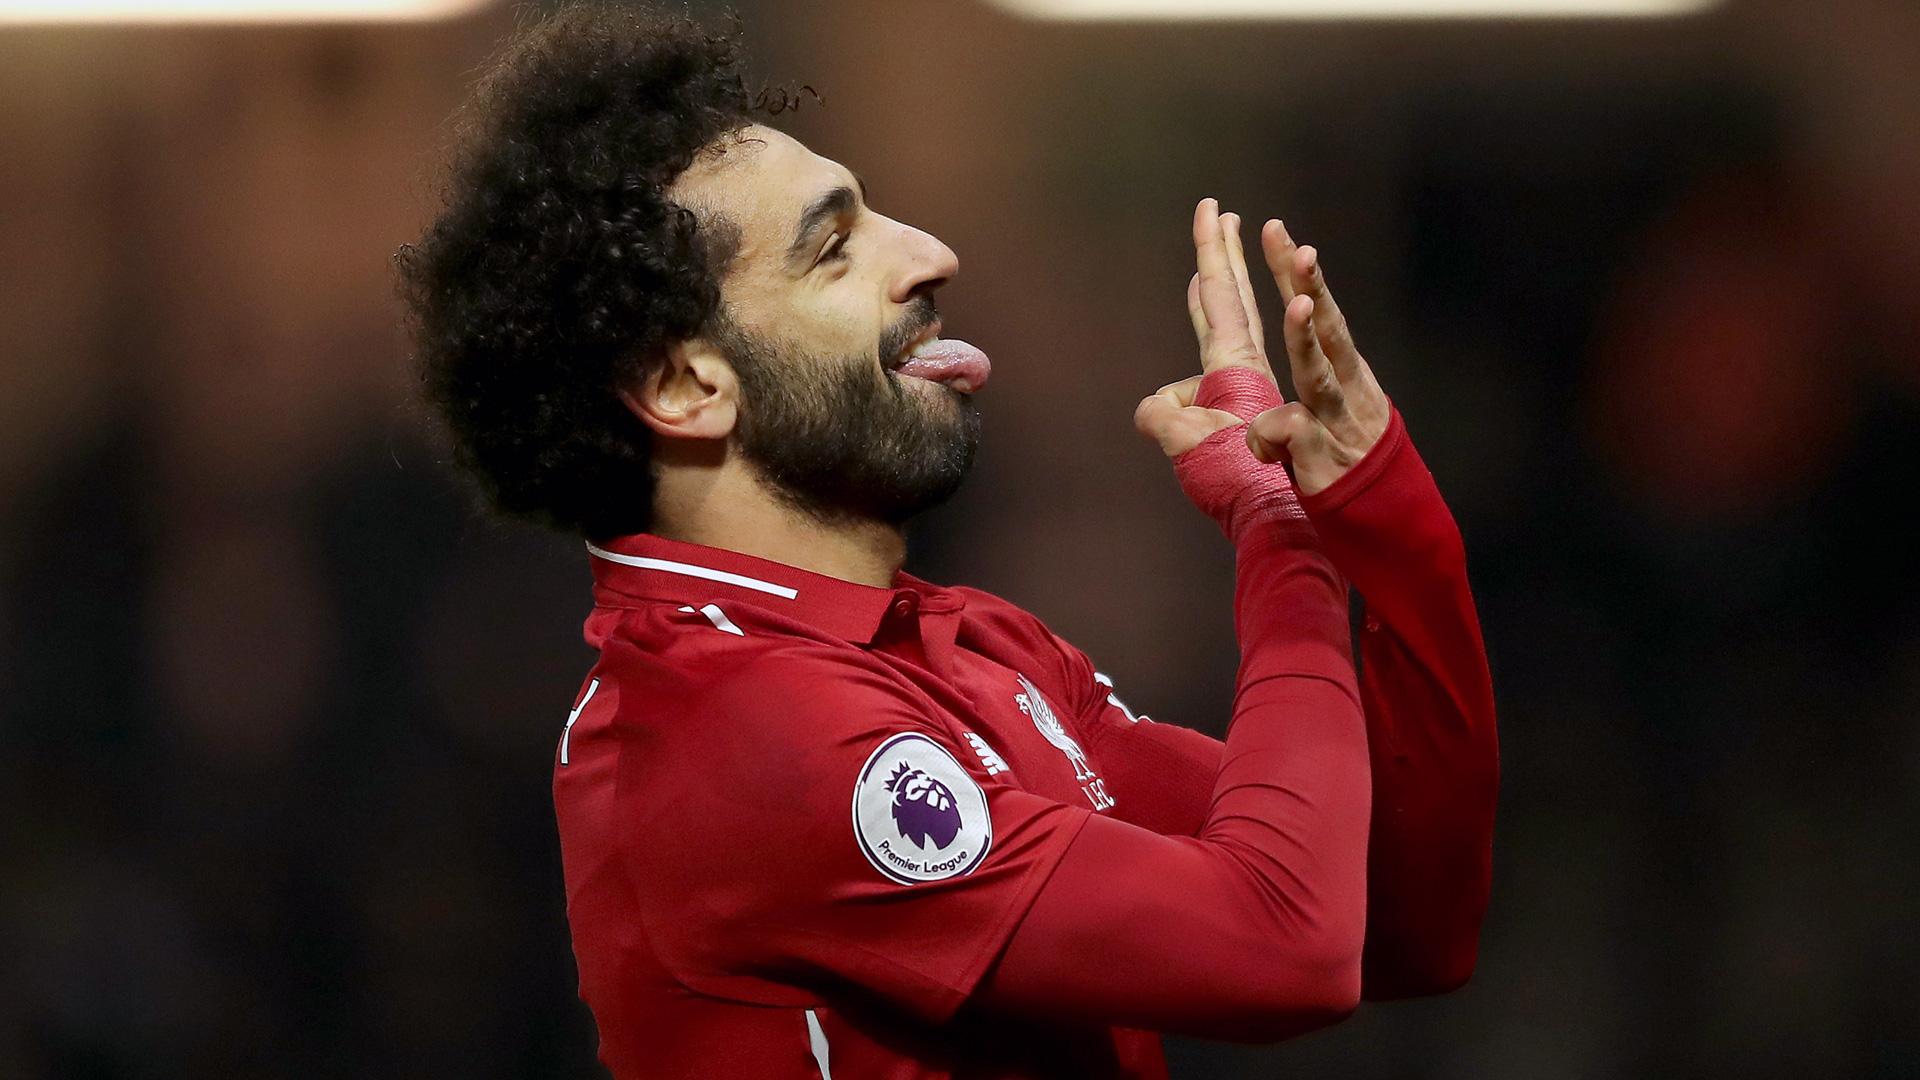 Mohamed Salah FC Liverpool celebration